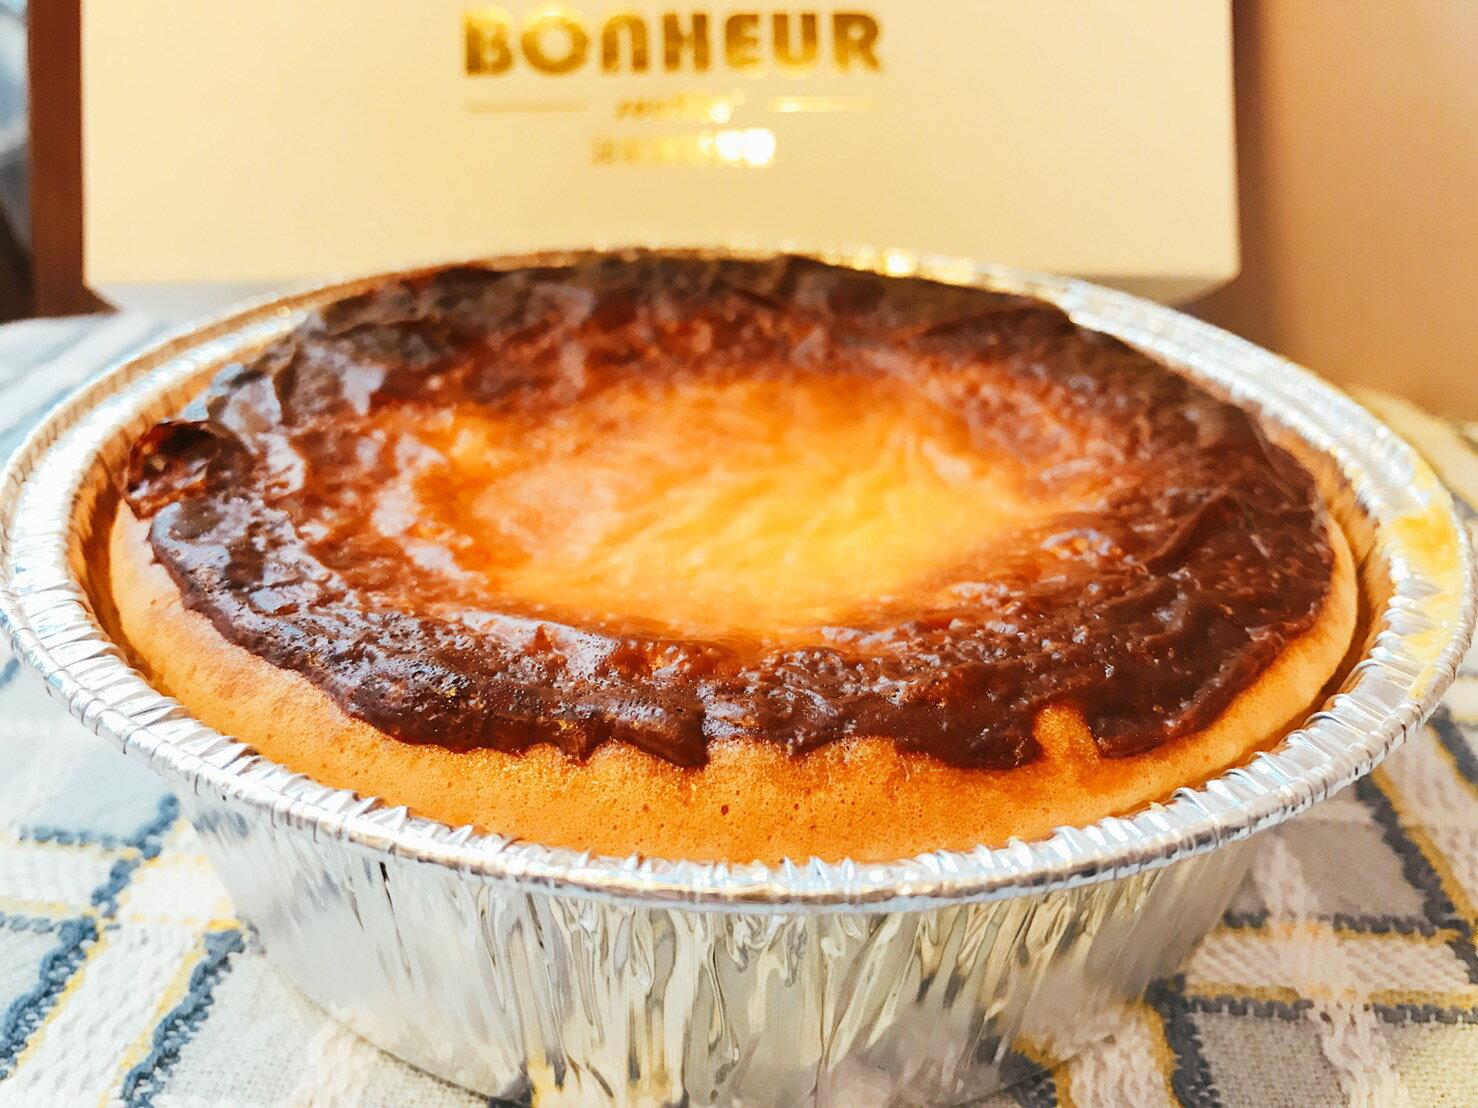 【波納爾舒芙蕾】蜂蜜焗烤蛋糕-5.5吋